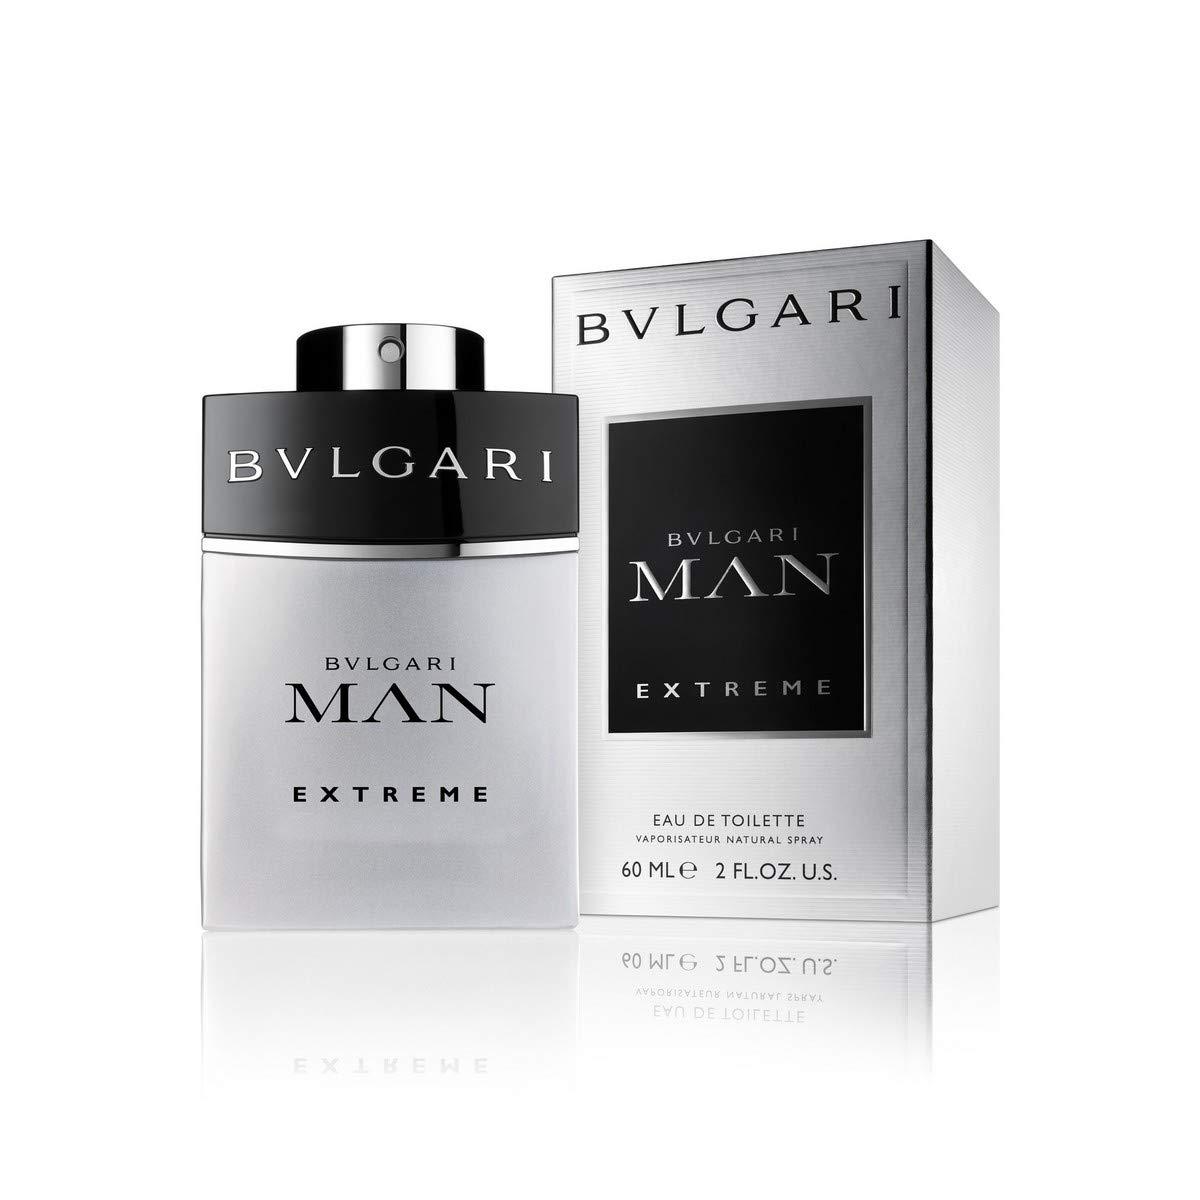 ba598e20e6ae EXTREME BVLGARI MAN Eau de Toilette 60VP  Amazon.fr  Beauté et Parfum